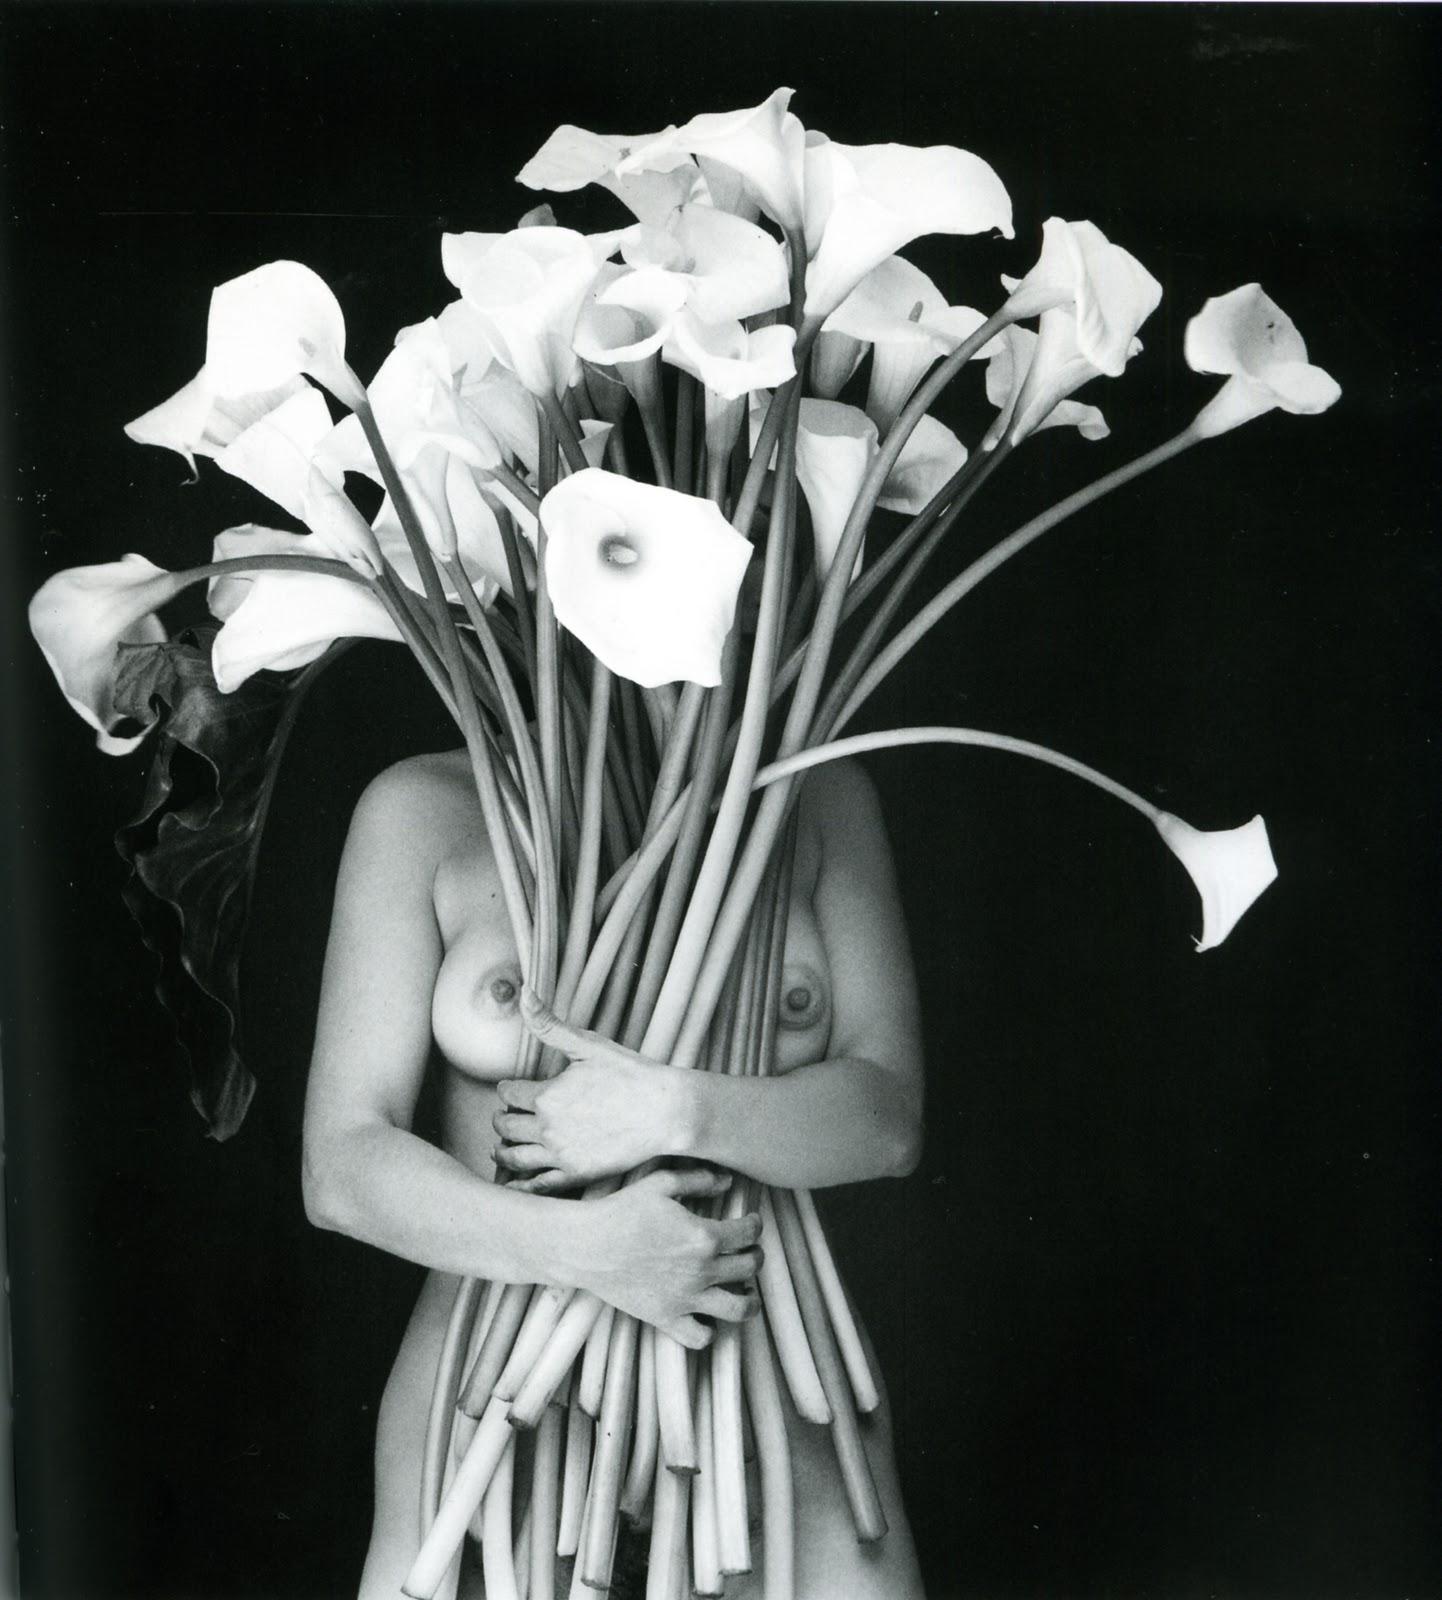 De otros mundos: Patricia Avena / La mirada de Flor Garduño